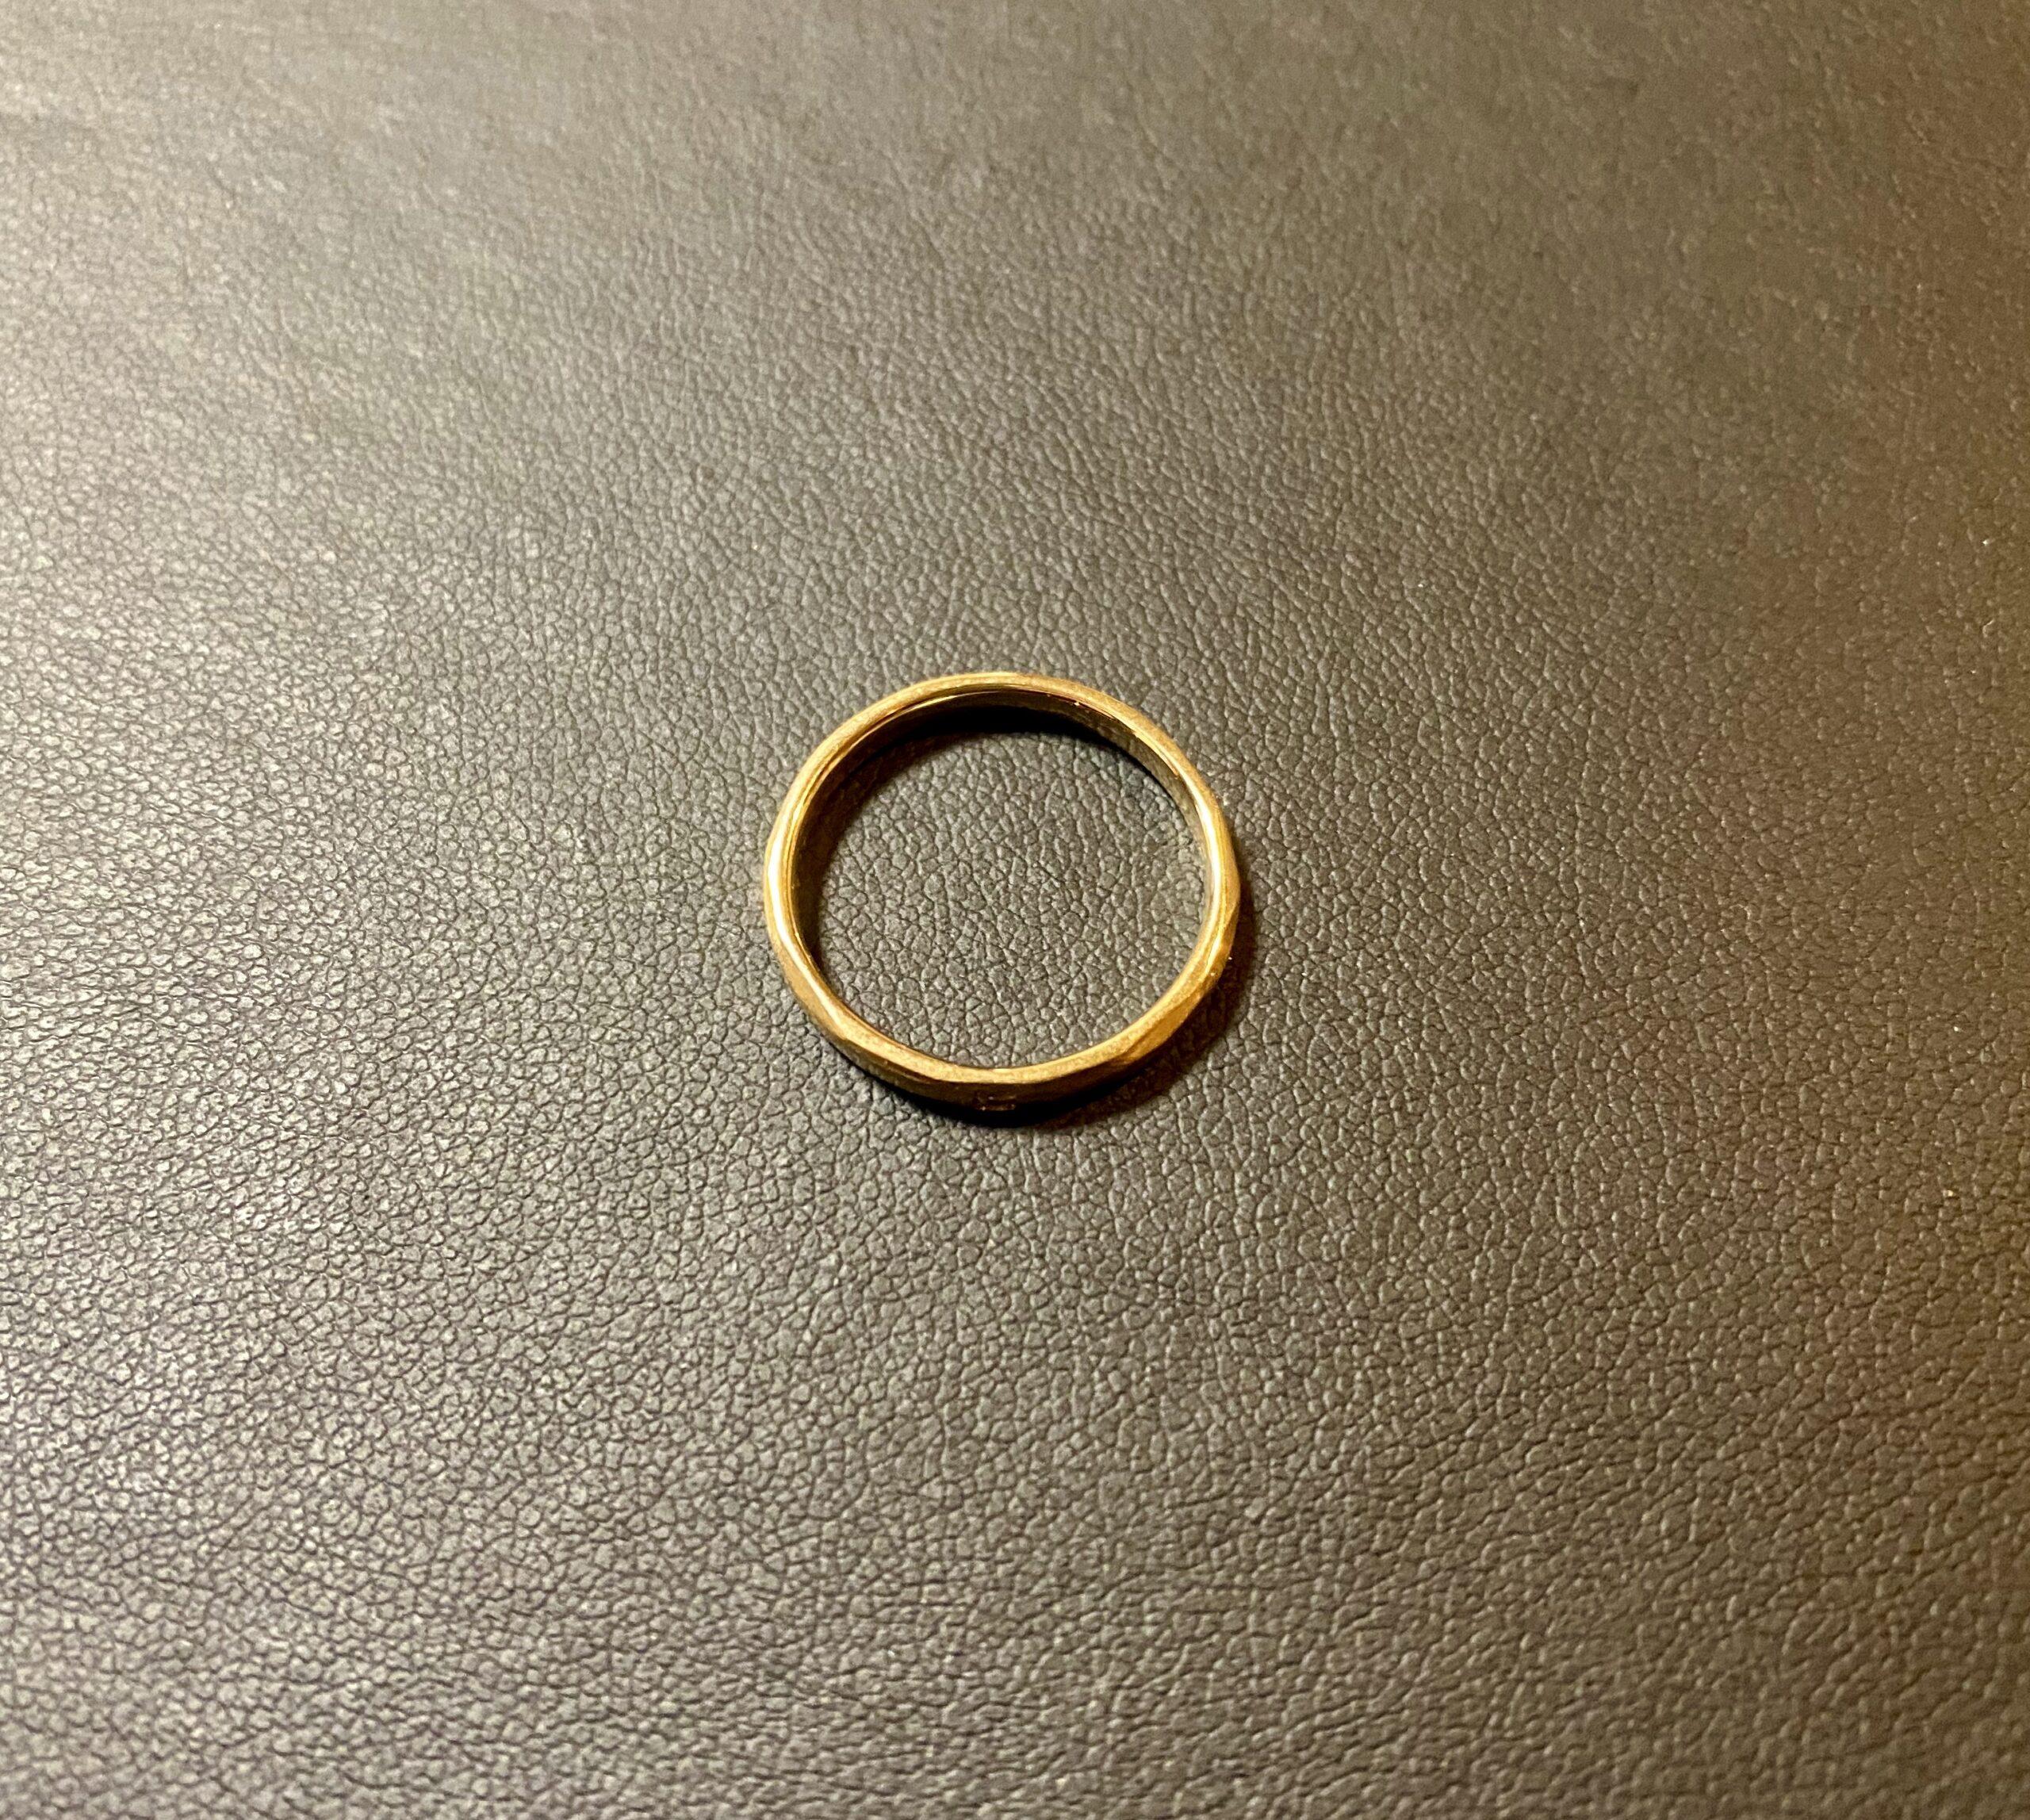 4℃(ヨンドシー) K18/18金の指輪,リングをお買取!価格の相場は?